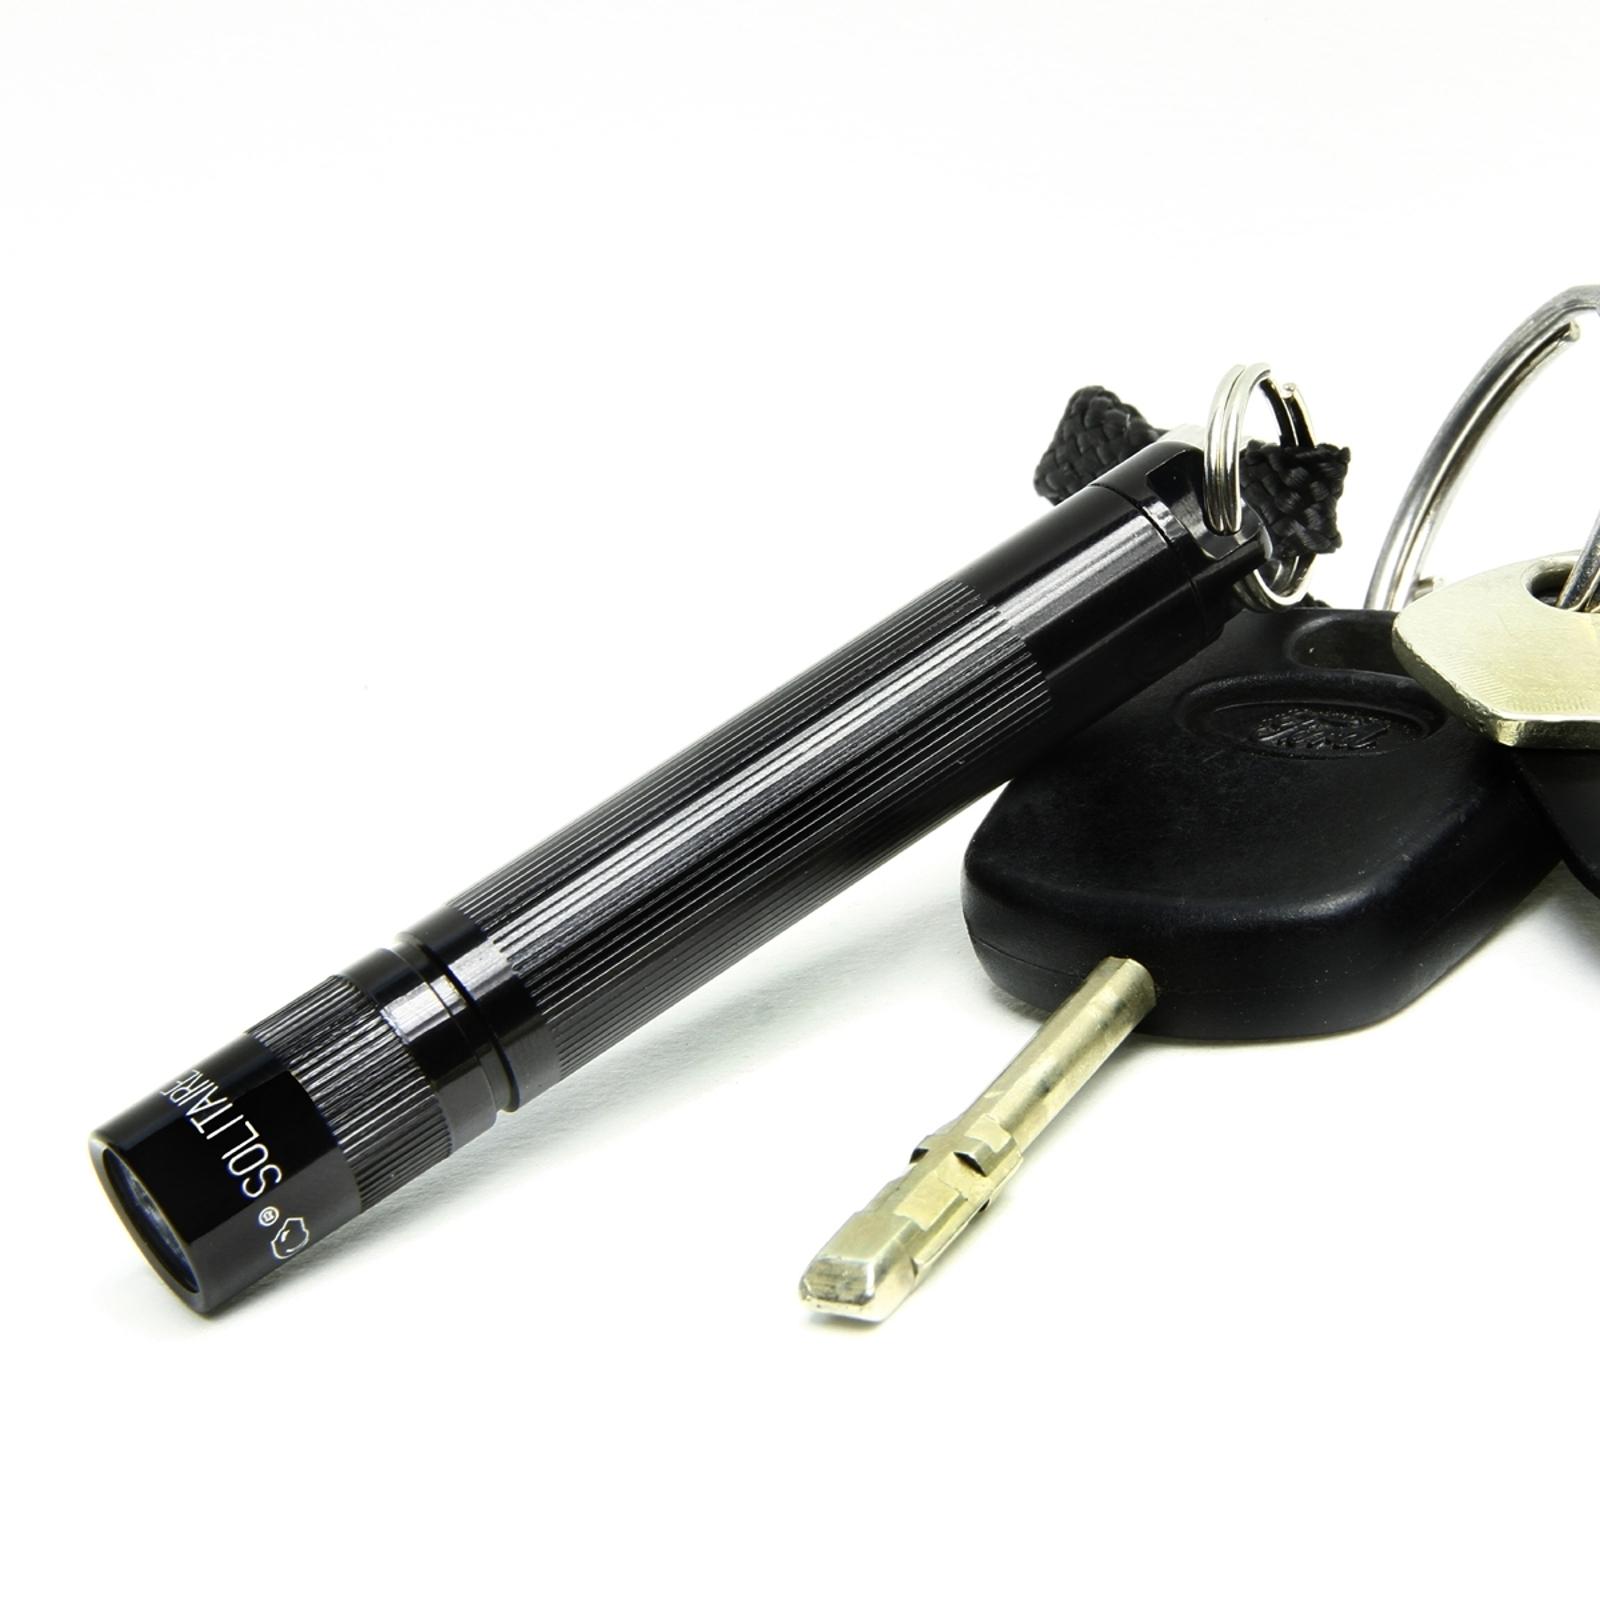 Handzame zaklamp Maglite Solitaire zwart